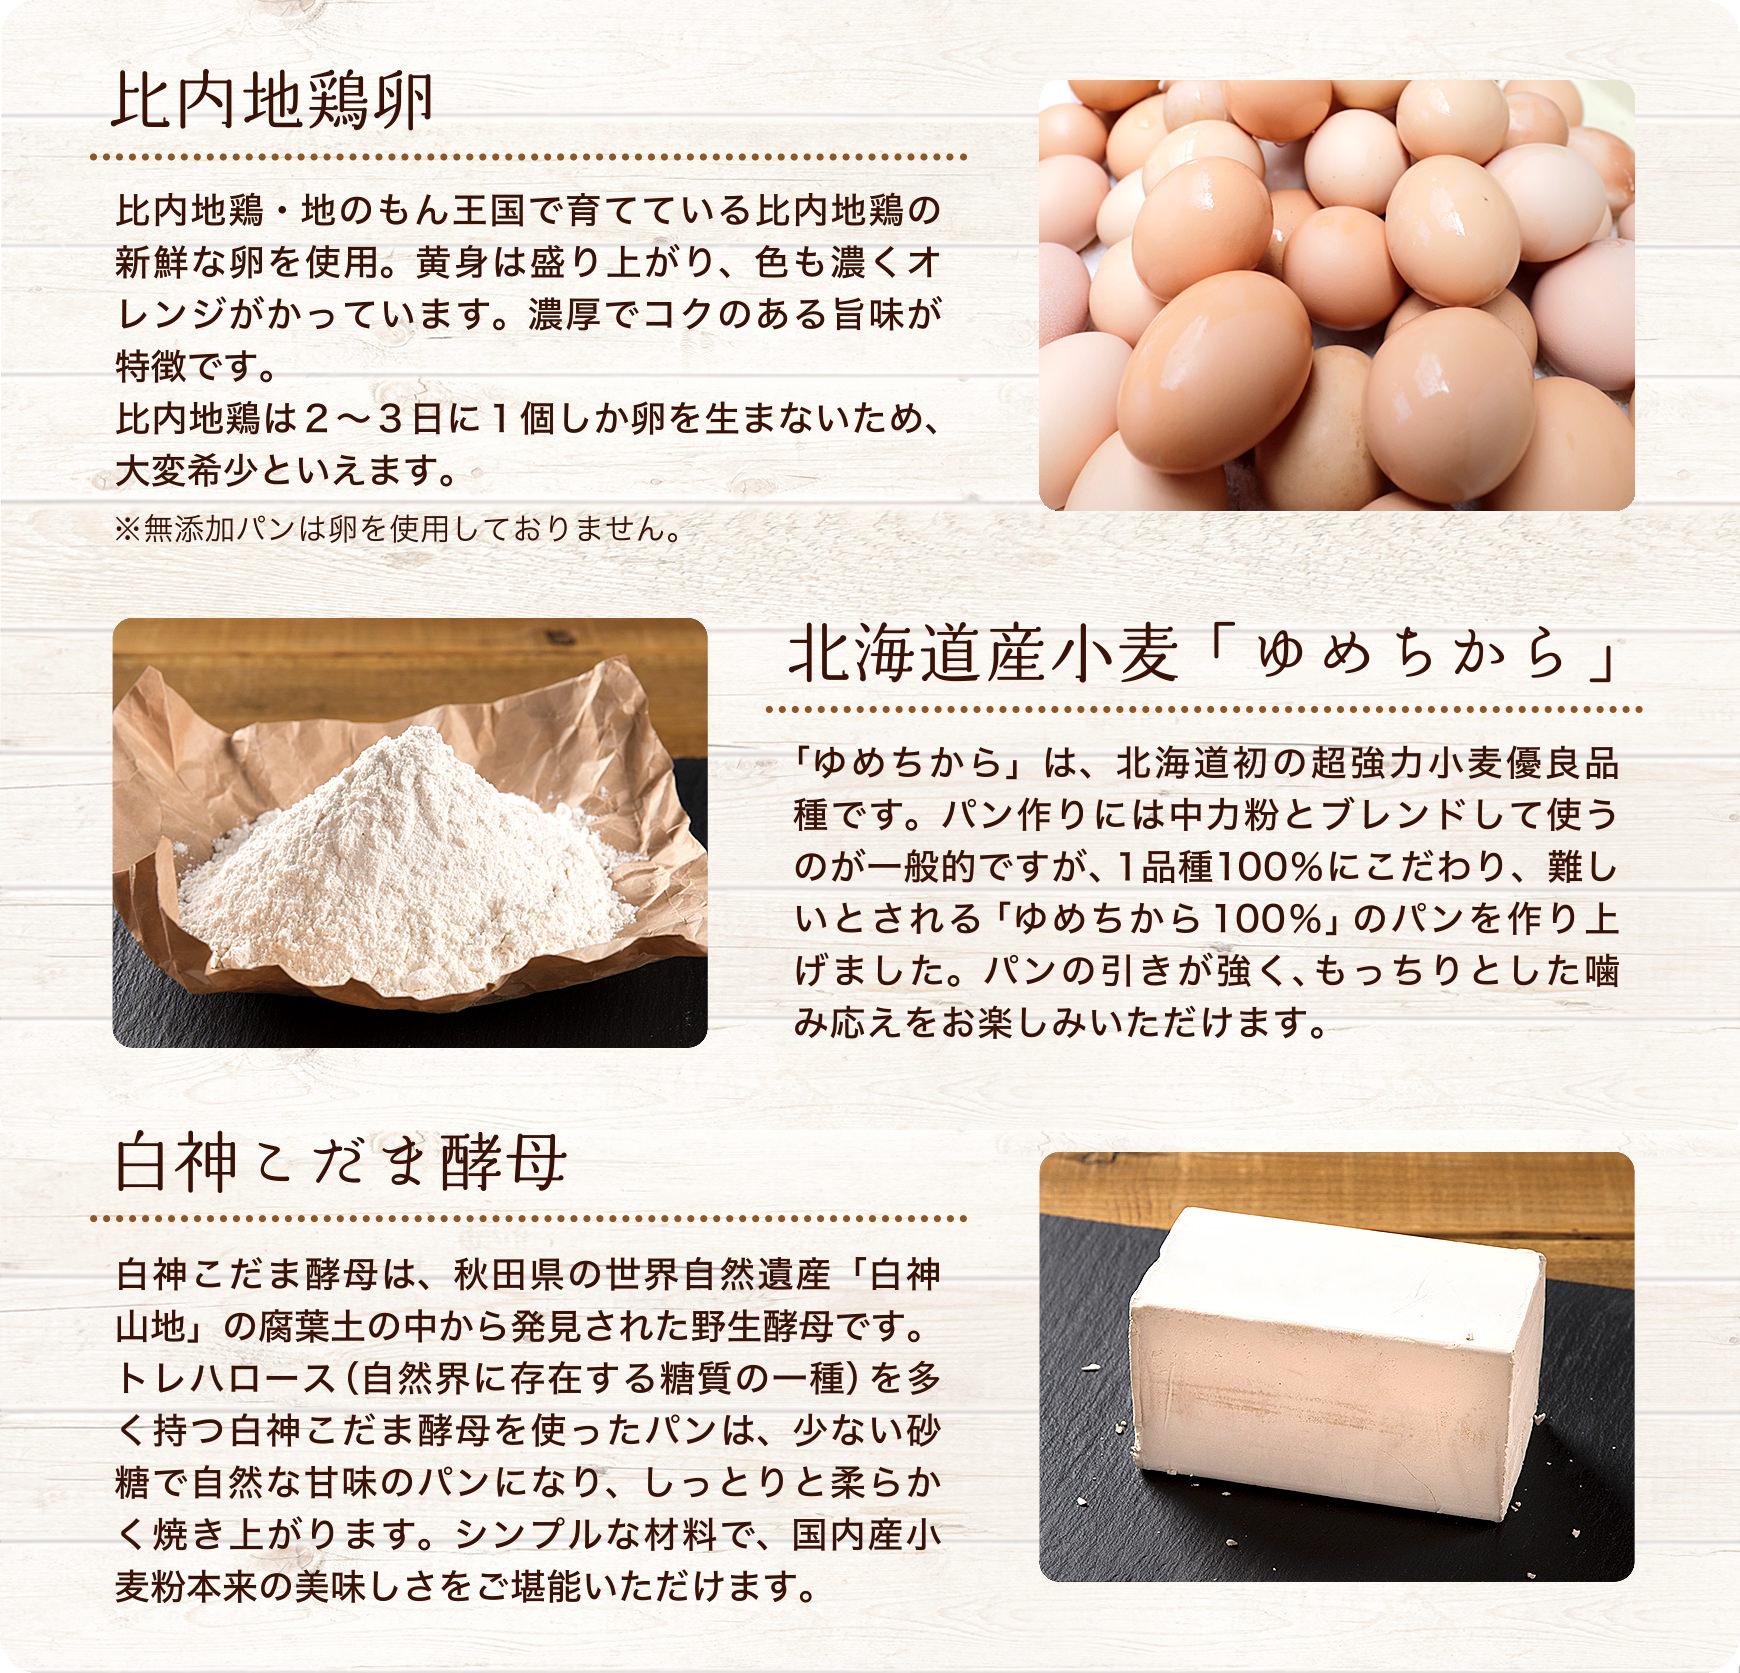 北海道産小麦「ゆめちから」、白神こだま酵母、比内地鶏卵